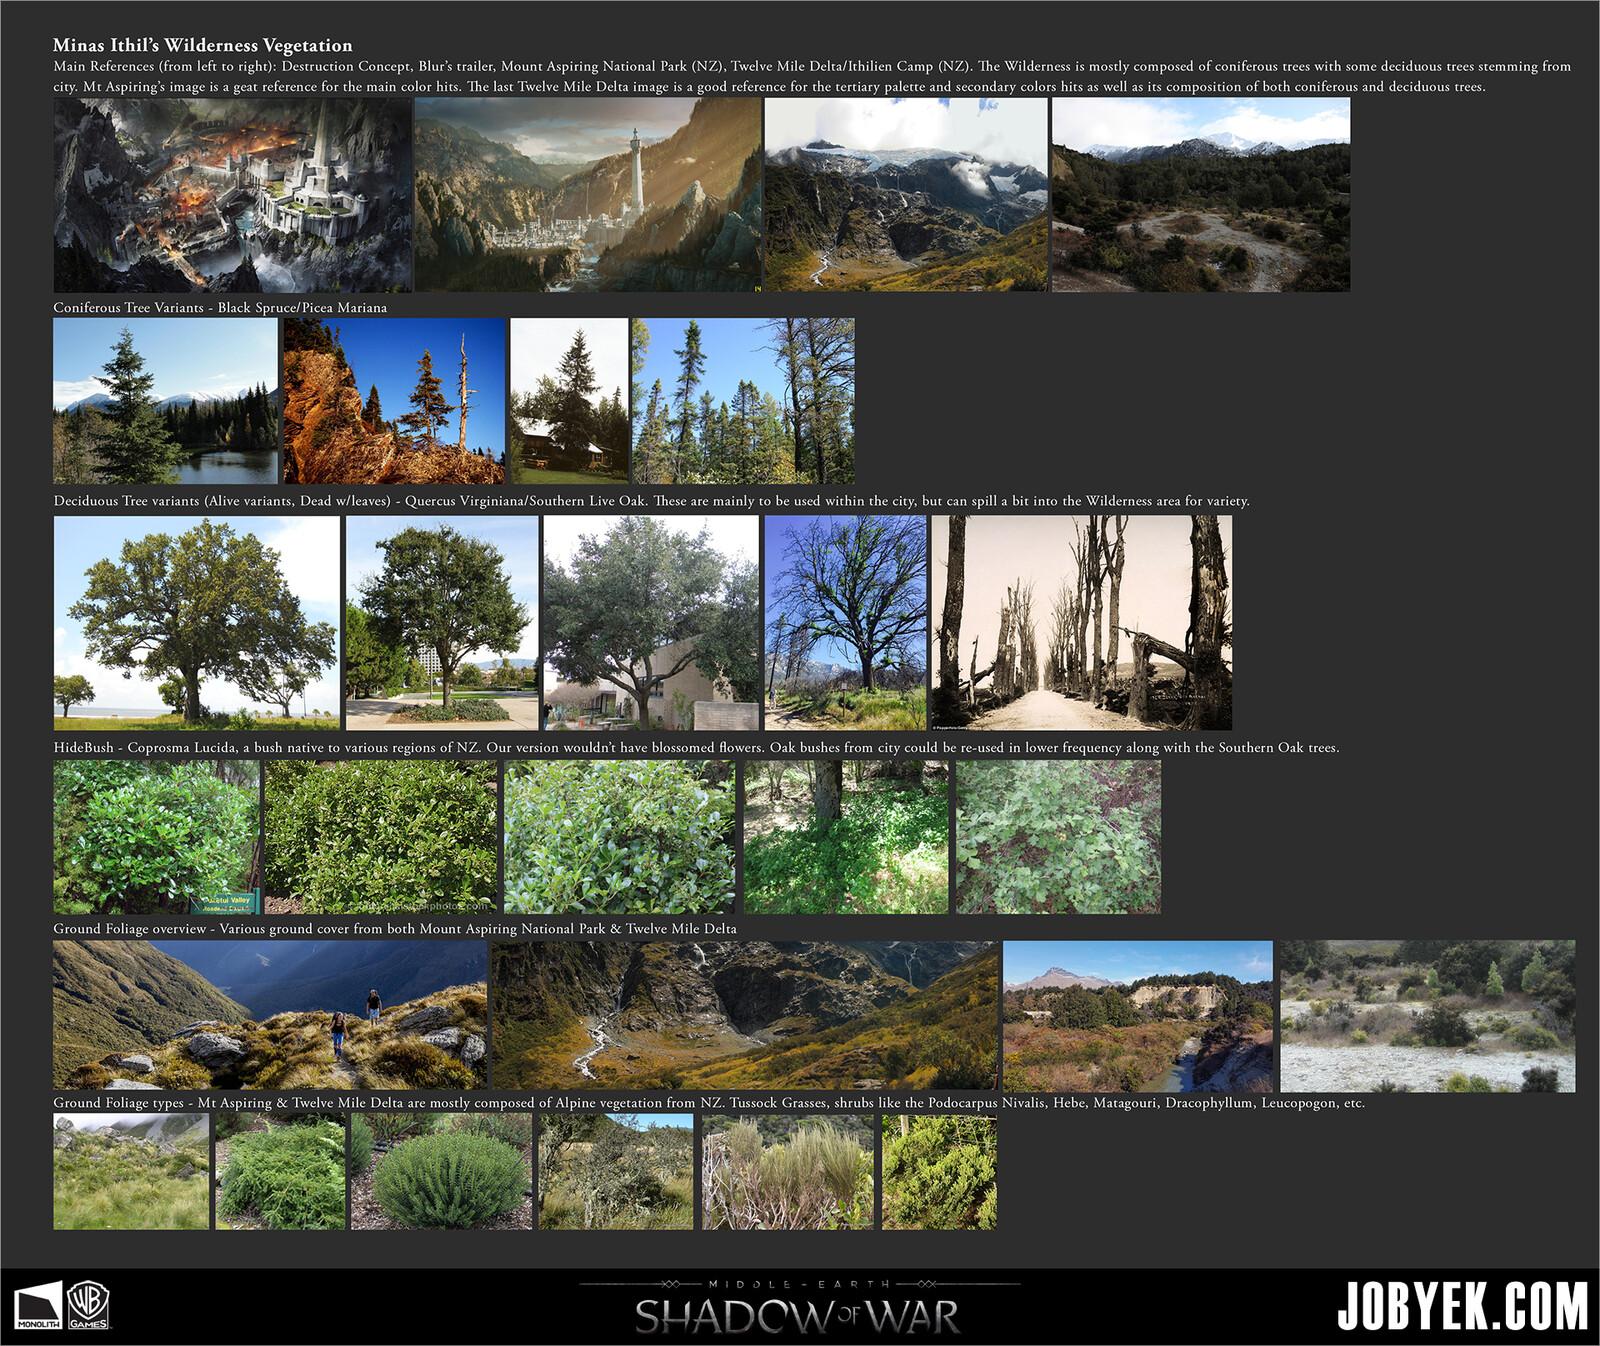 Stylesheet for Minas Ithil's Wilderness Vegetation